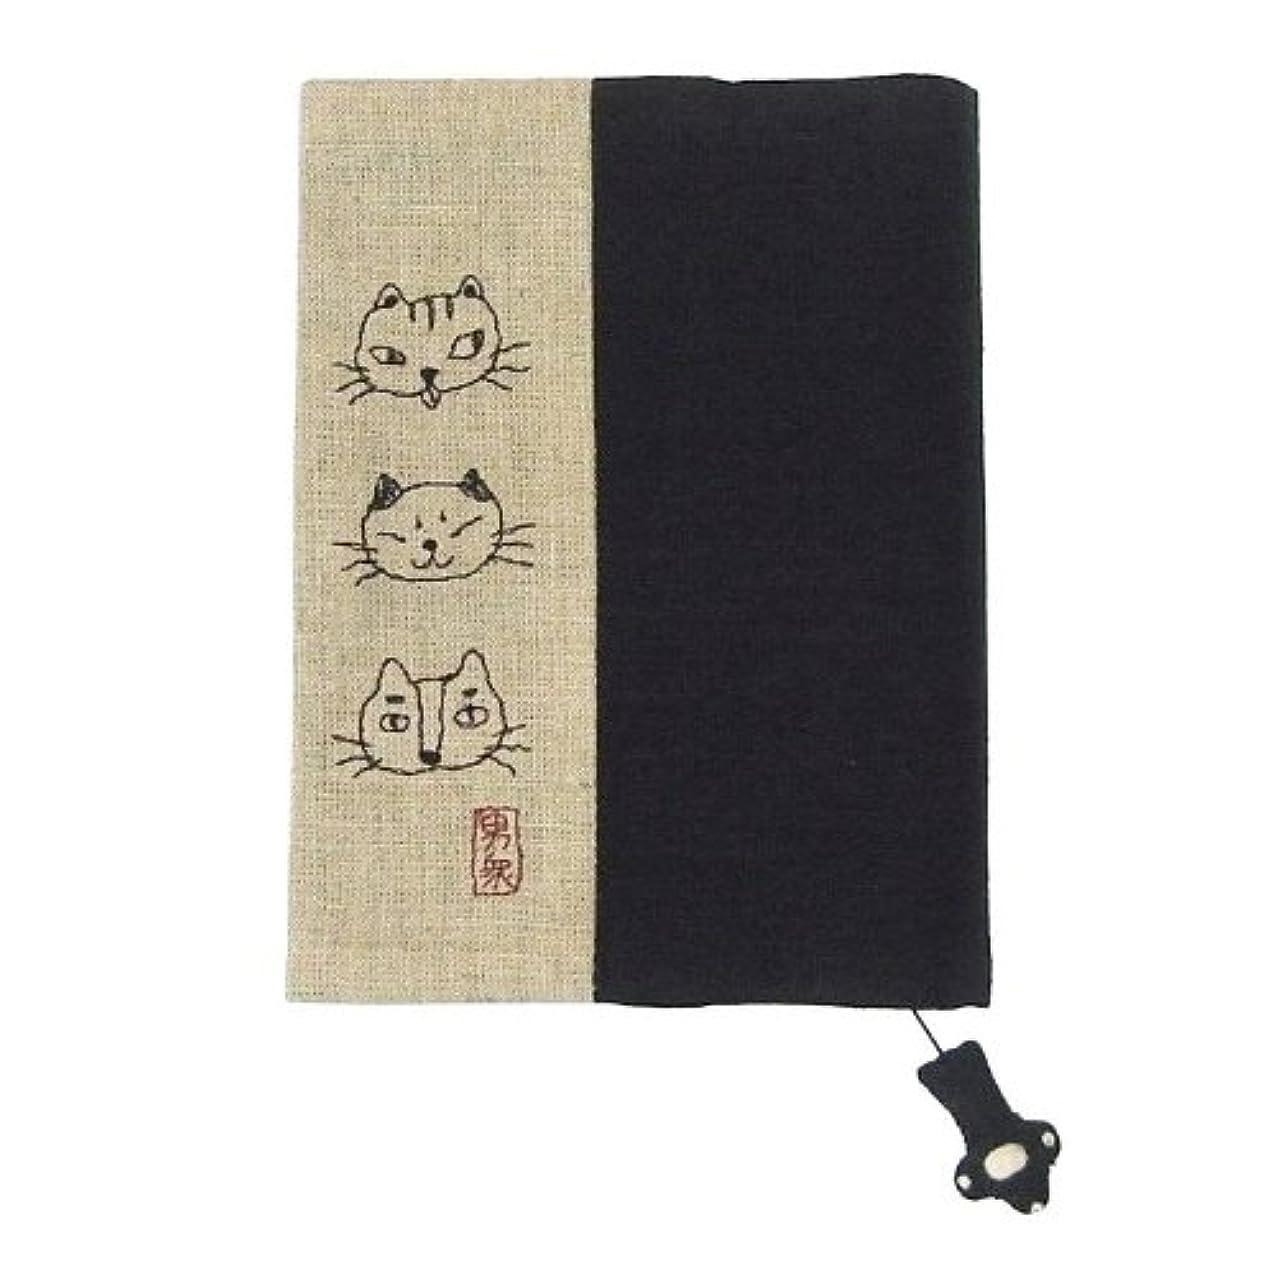 モデレータカセット慢性的DON HIRANO ドン?ヒラノ - 和モダンな猫刺繍ブックカバー(男衆)文庫判?ブラック